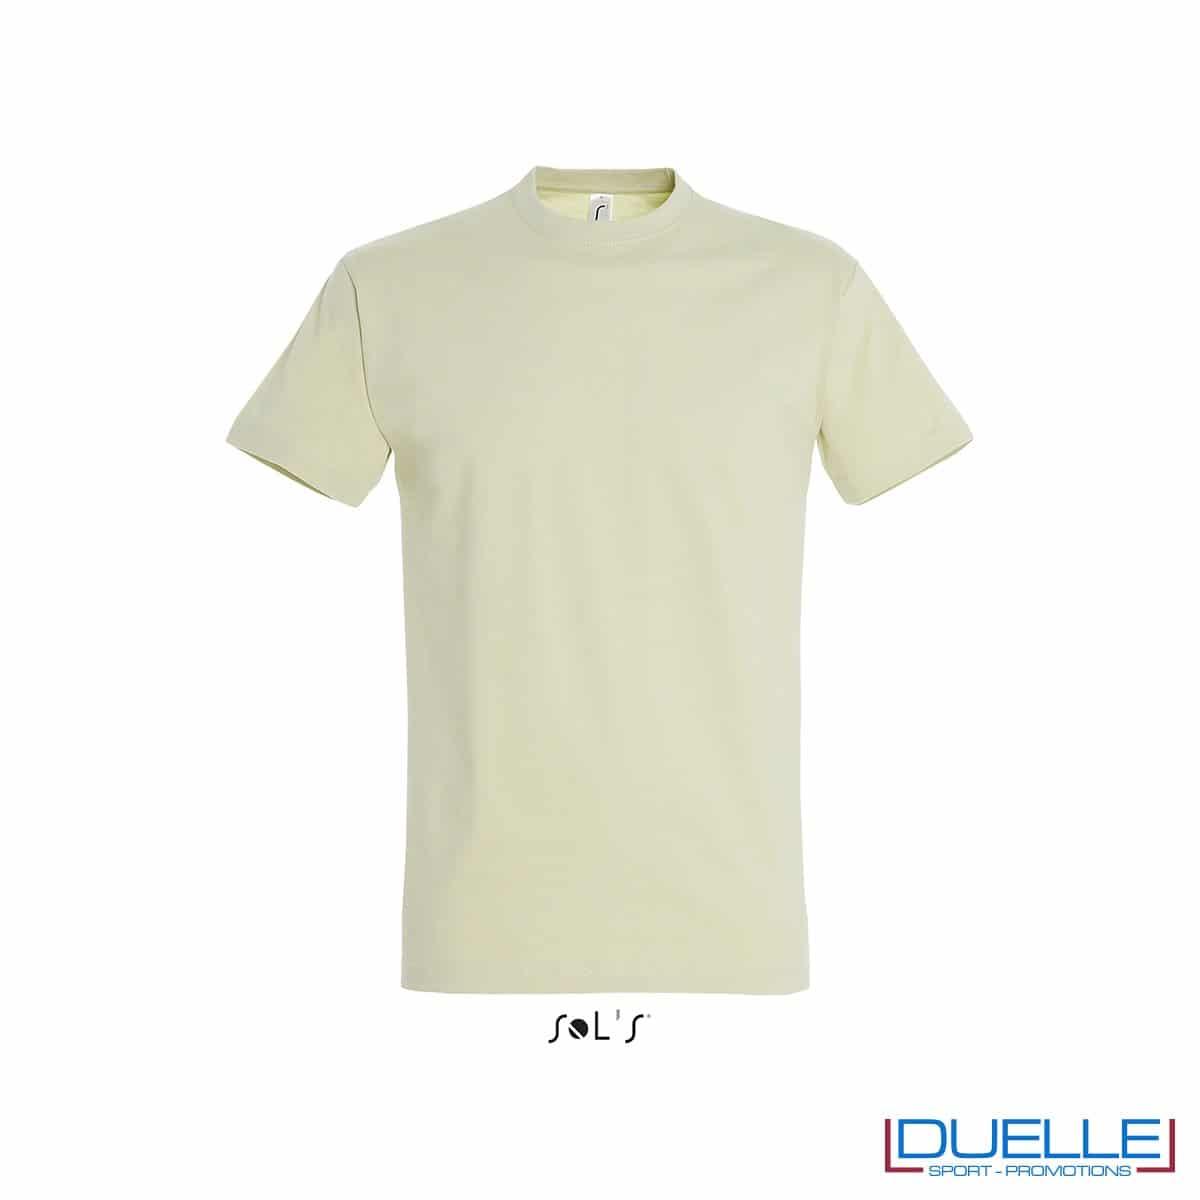 T-shirt promozionale in cotone pesante colore verde tiglio personalizzata con ricamo o stampa